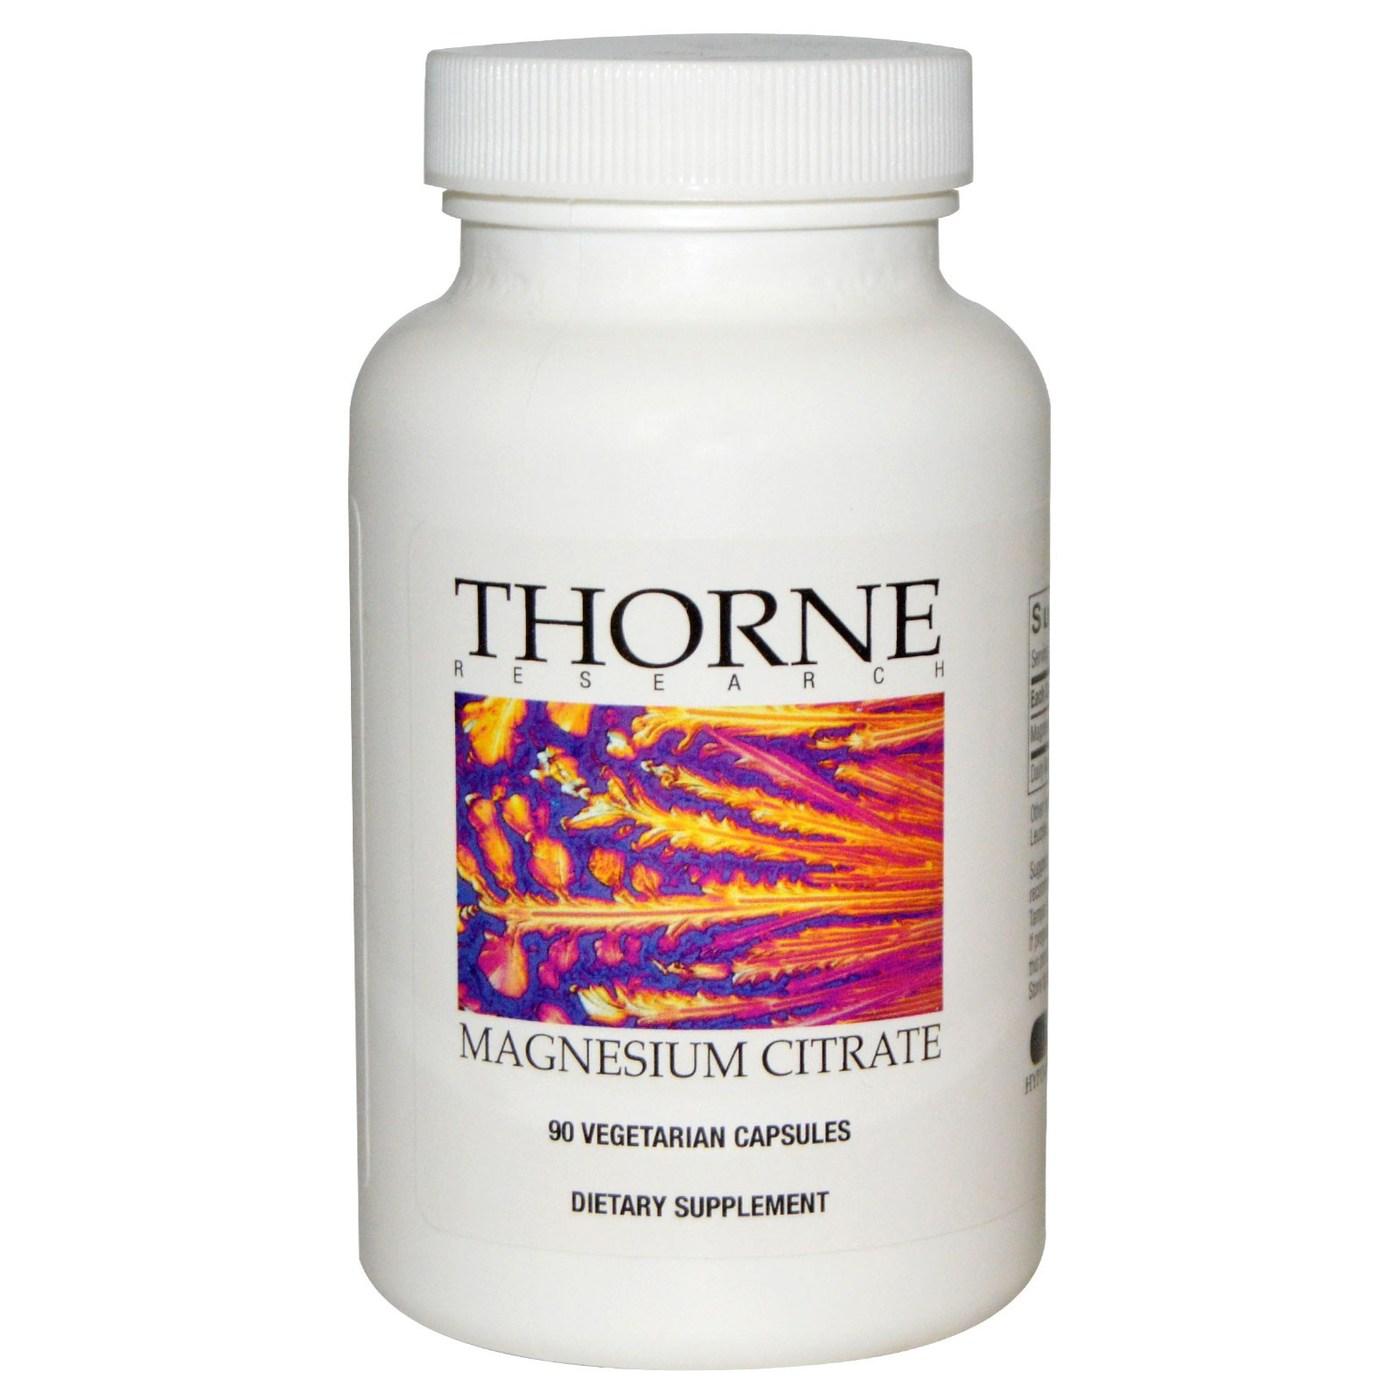 thorne magnesium citrate